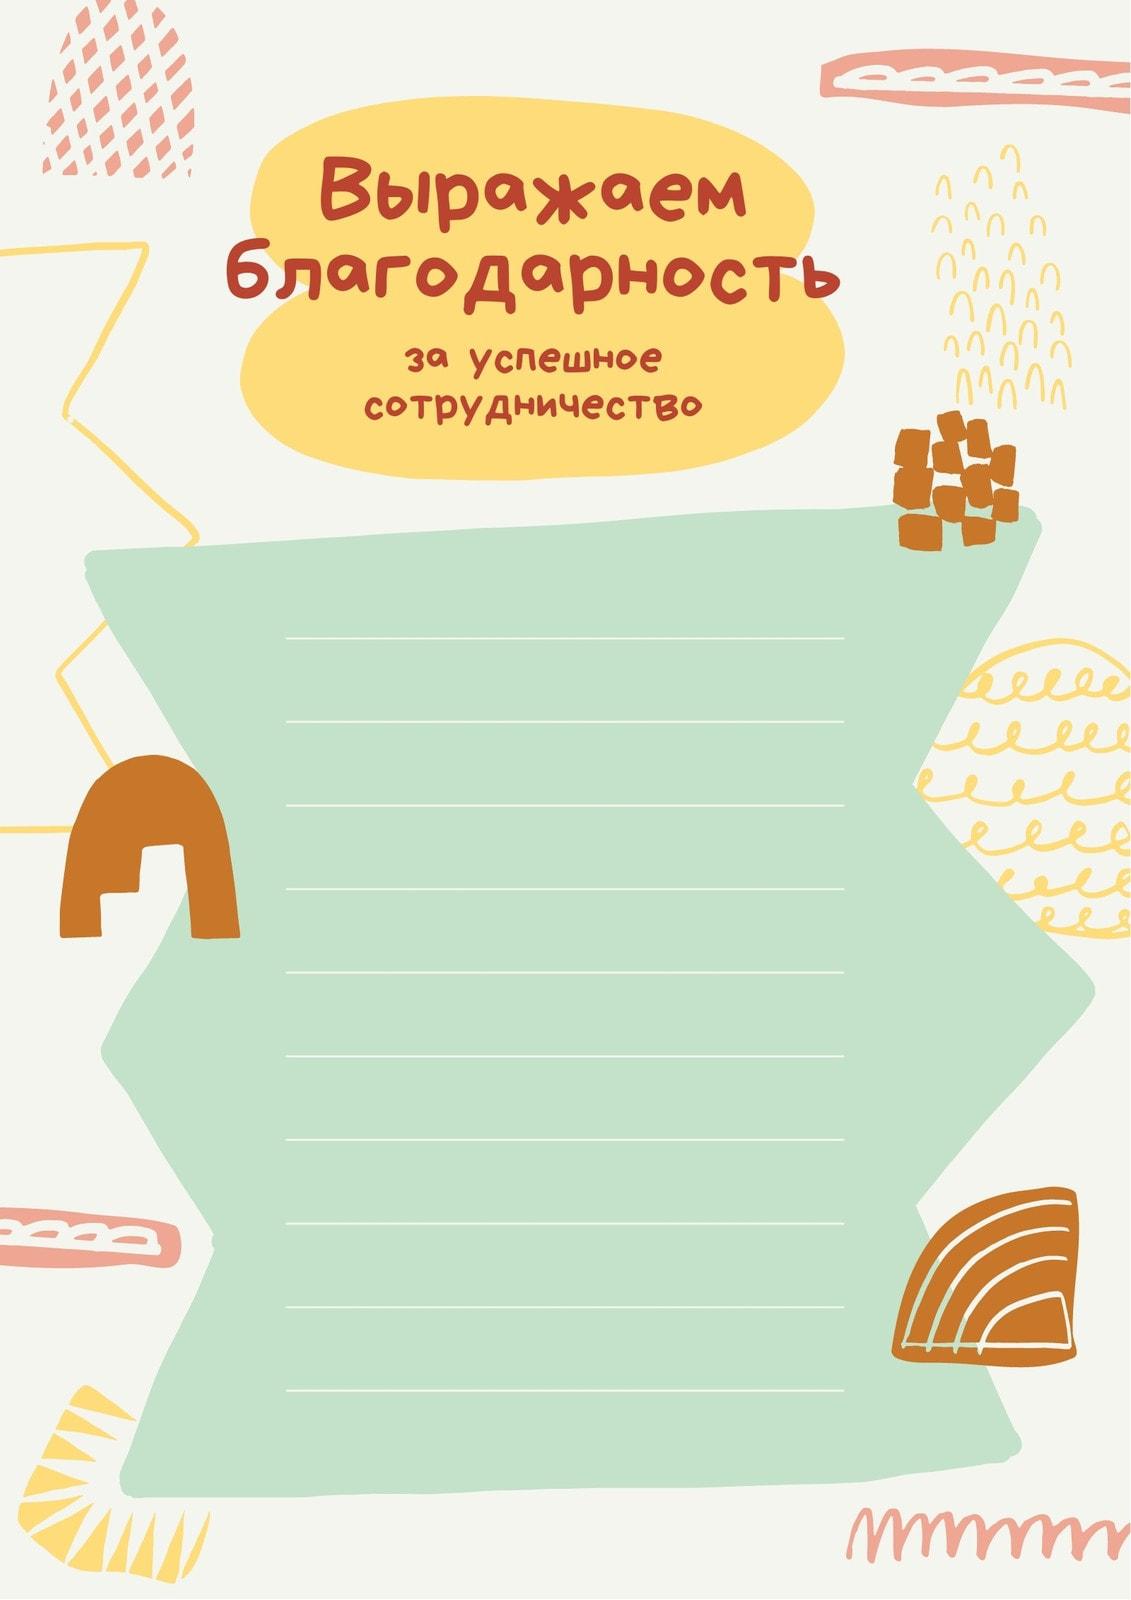 Голубое и оранжевое деловое благодарственное письмо с абстрактной графикой